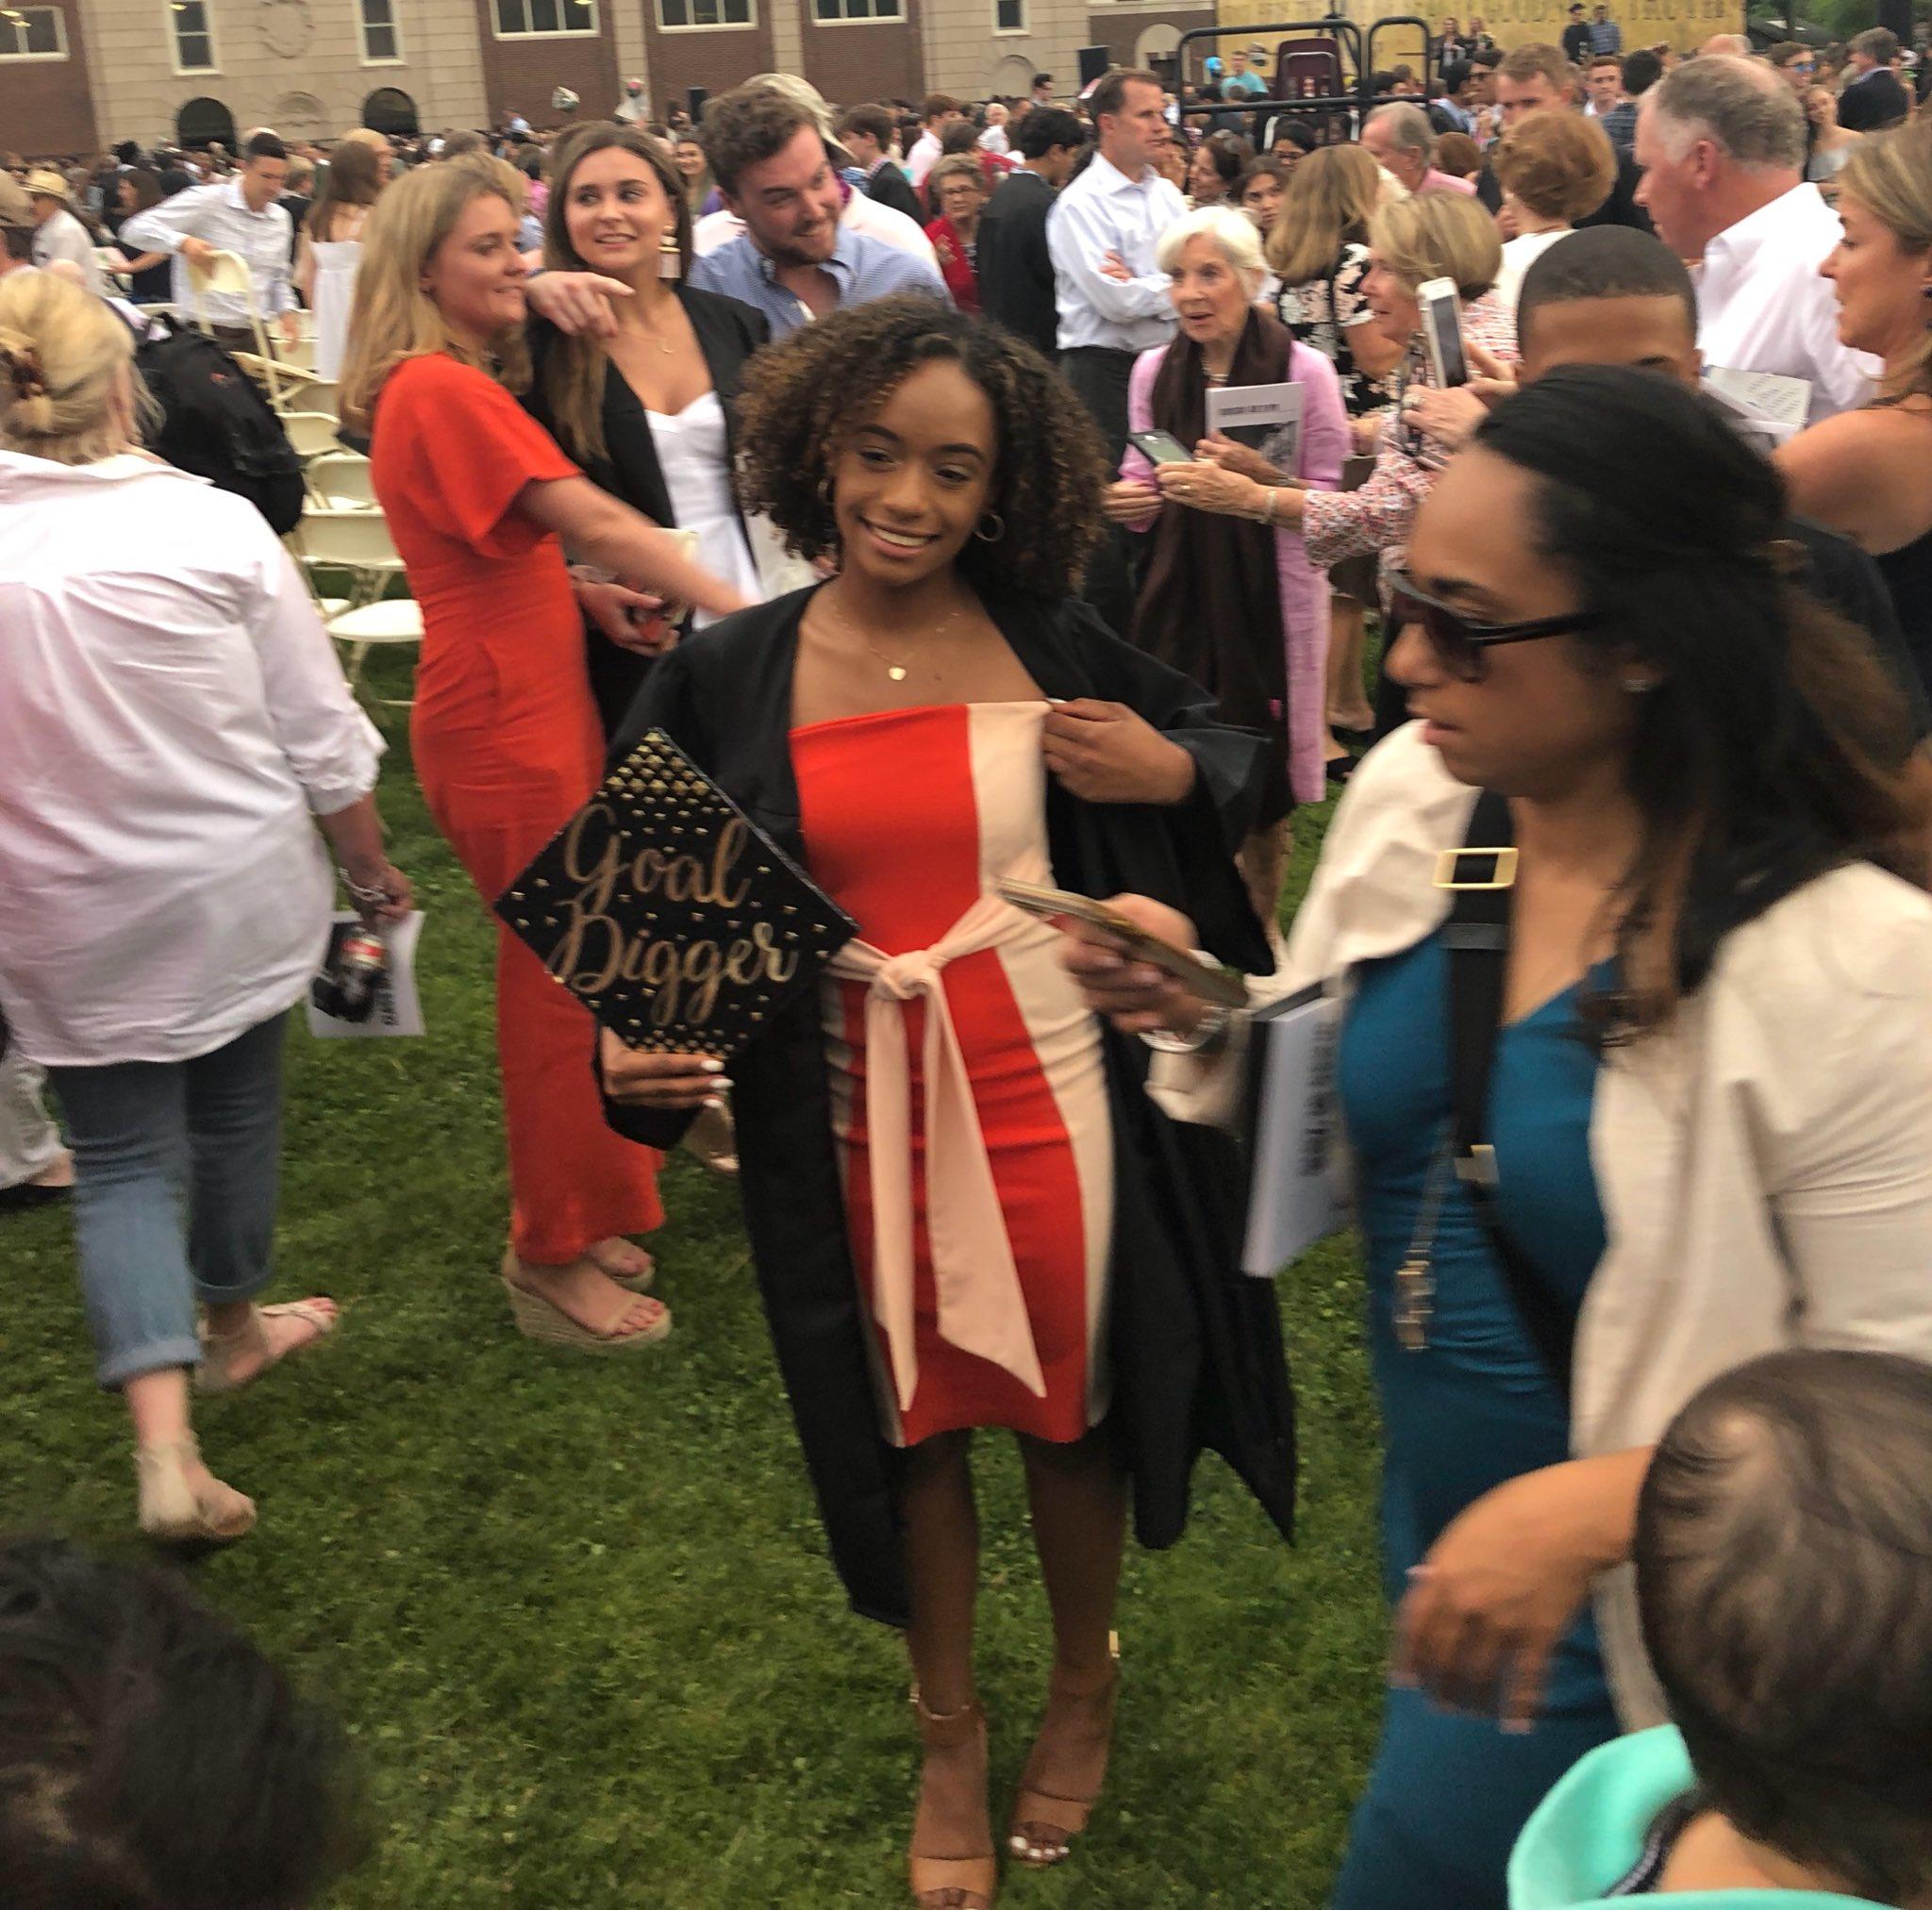 Grad dress from @OfficialPLT ����♀️ https://t.co/UPNdaNizeW